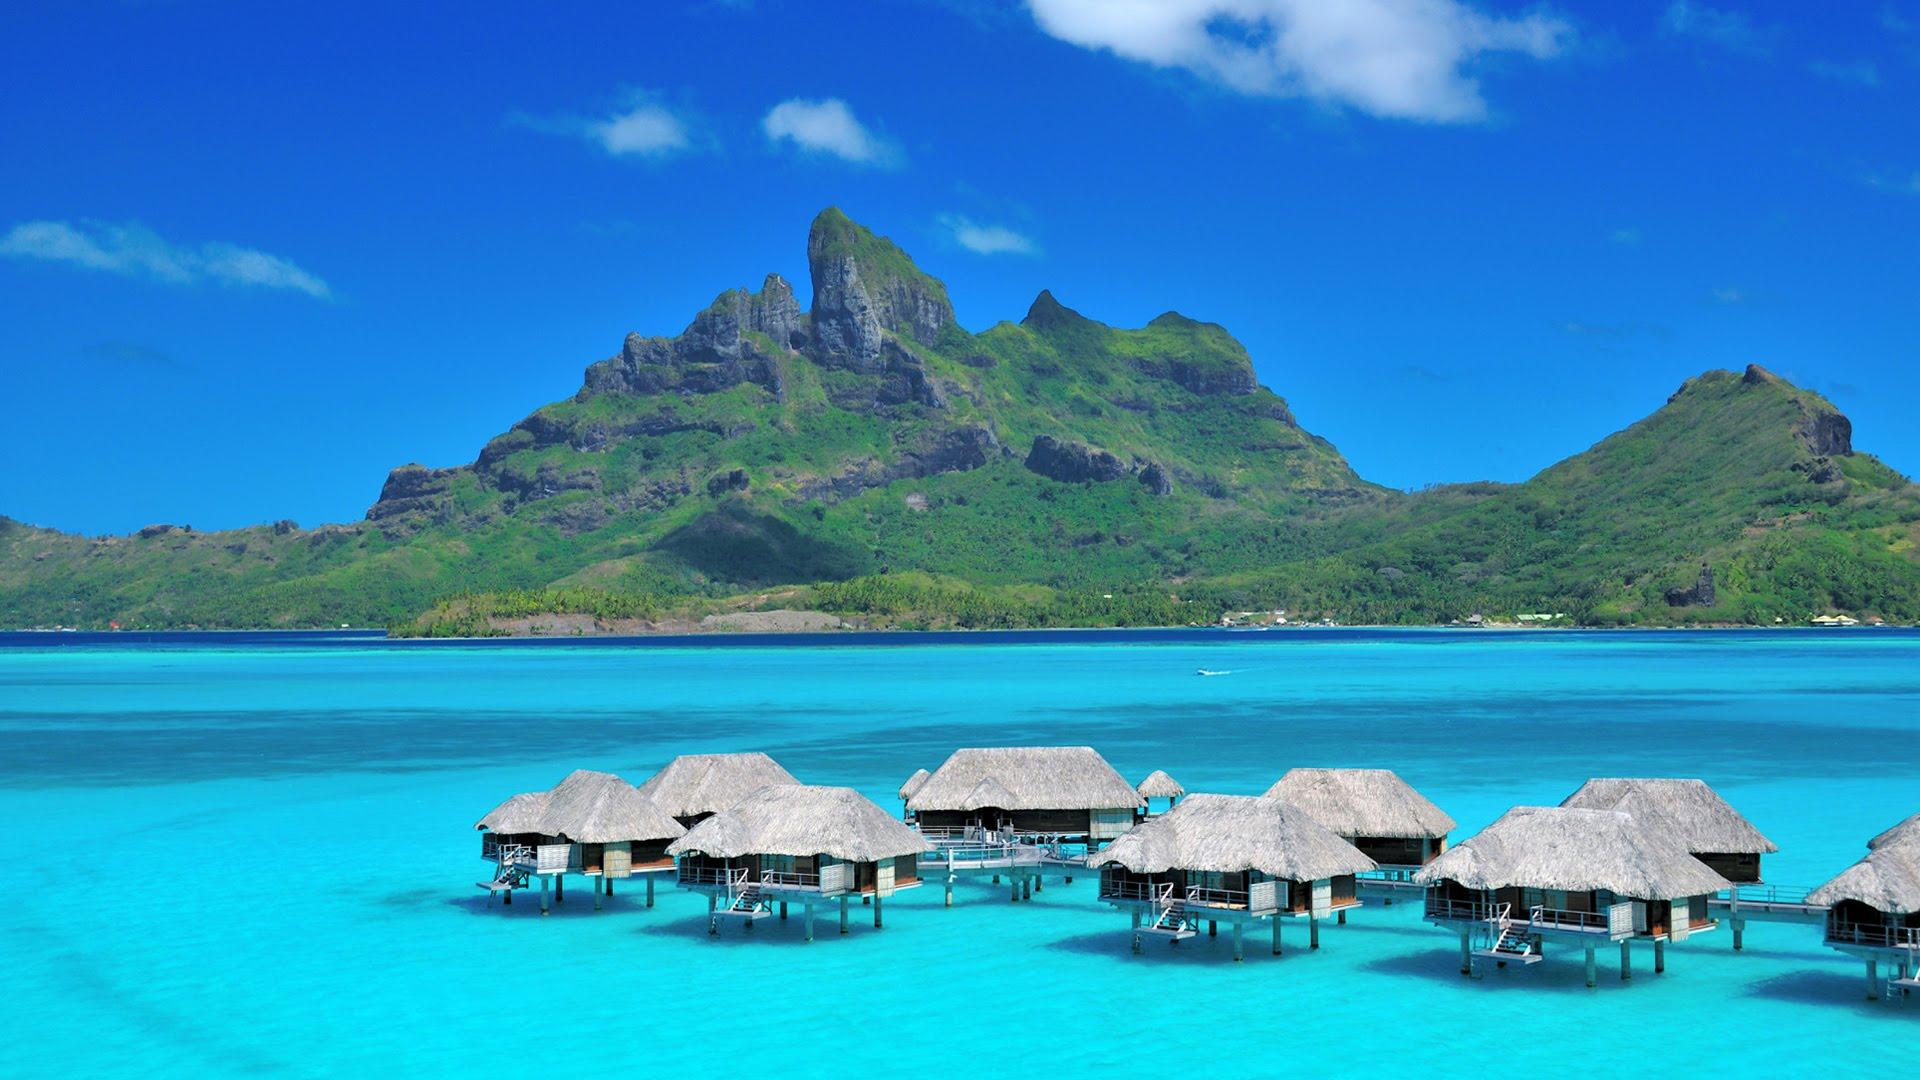 صورة اجمل الاماكن في العالم , اشهر الامكان حول العالم